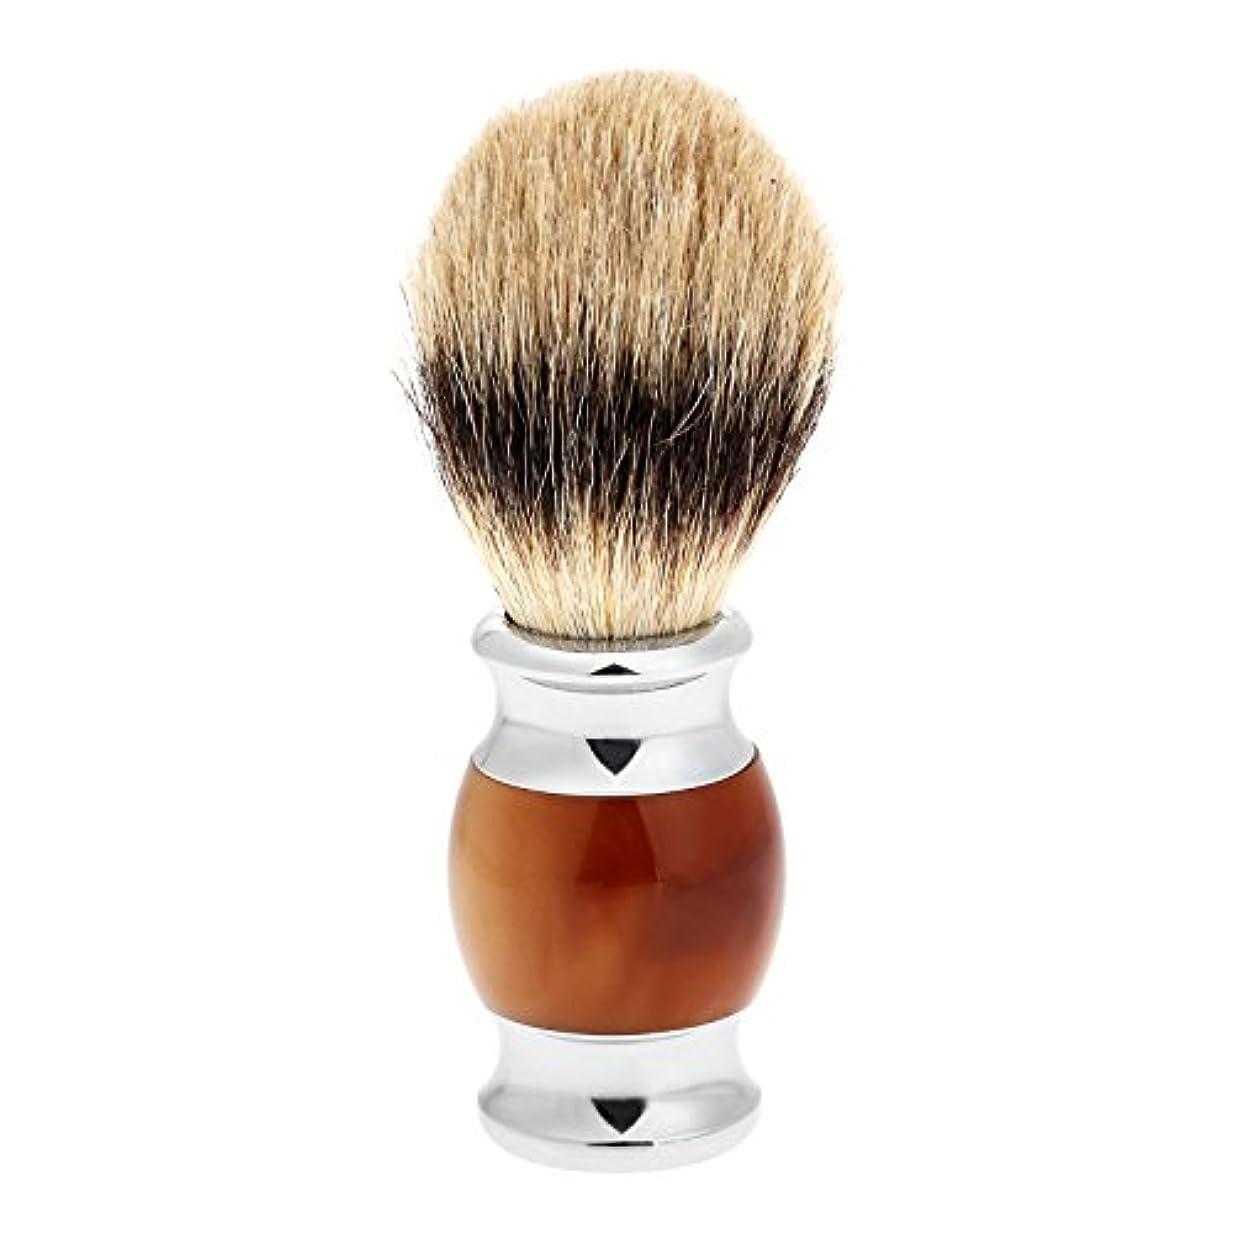 ぬれた過敏なためらう1PC メンズ ひげブラシ アナグマ毛 シェービングブラシ バーバー シェービング用ブラシ 理容 洗顔 髭剃り